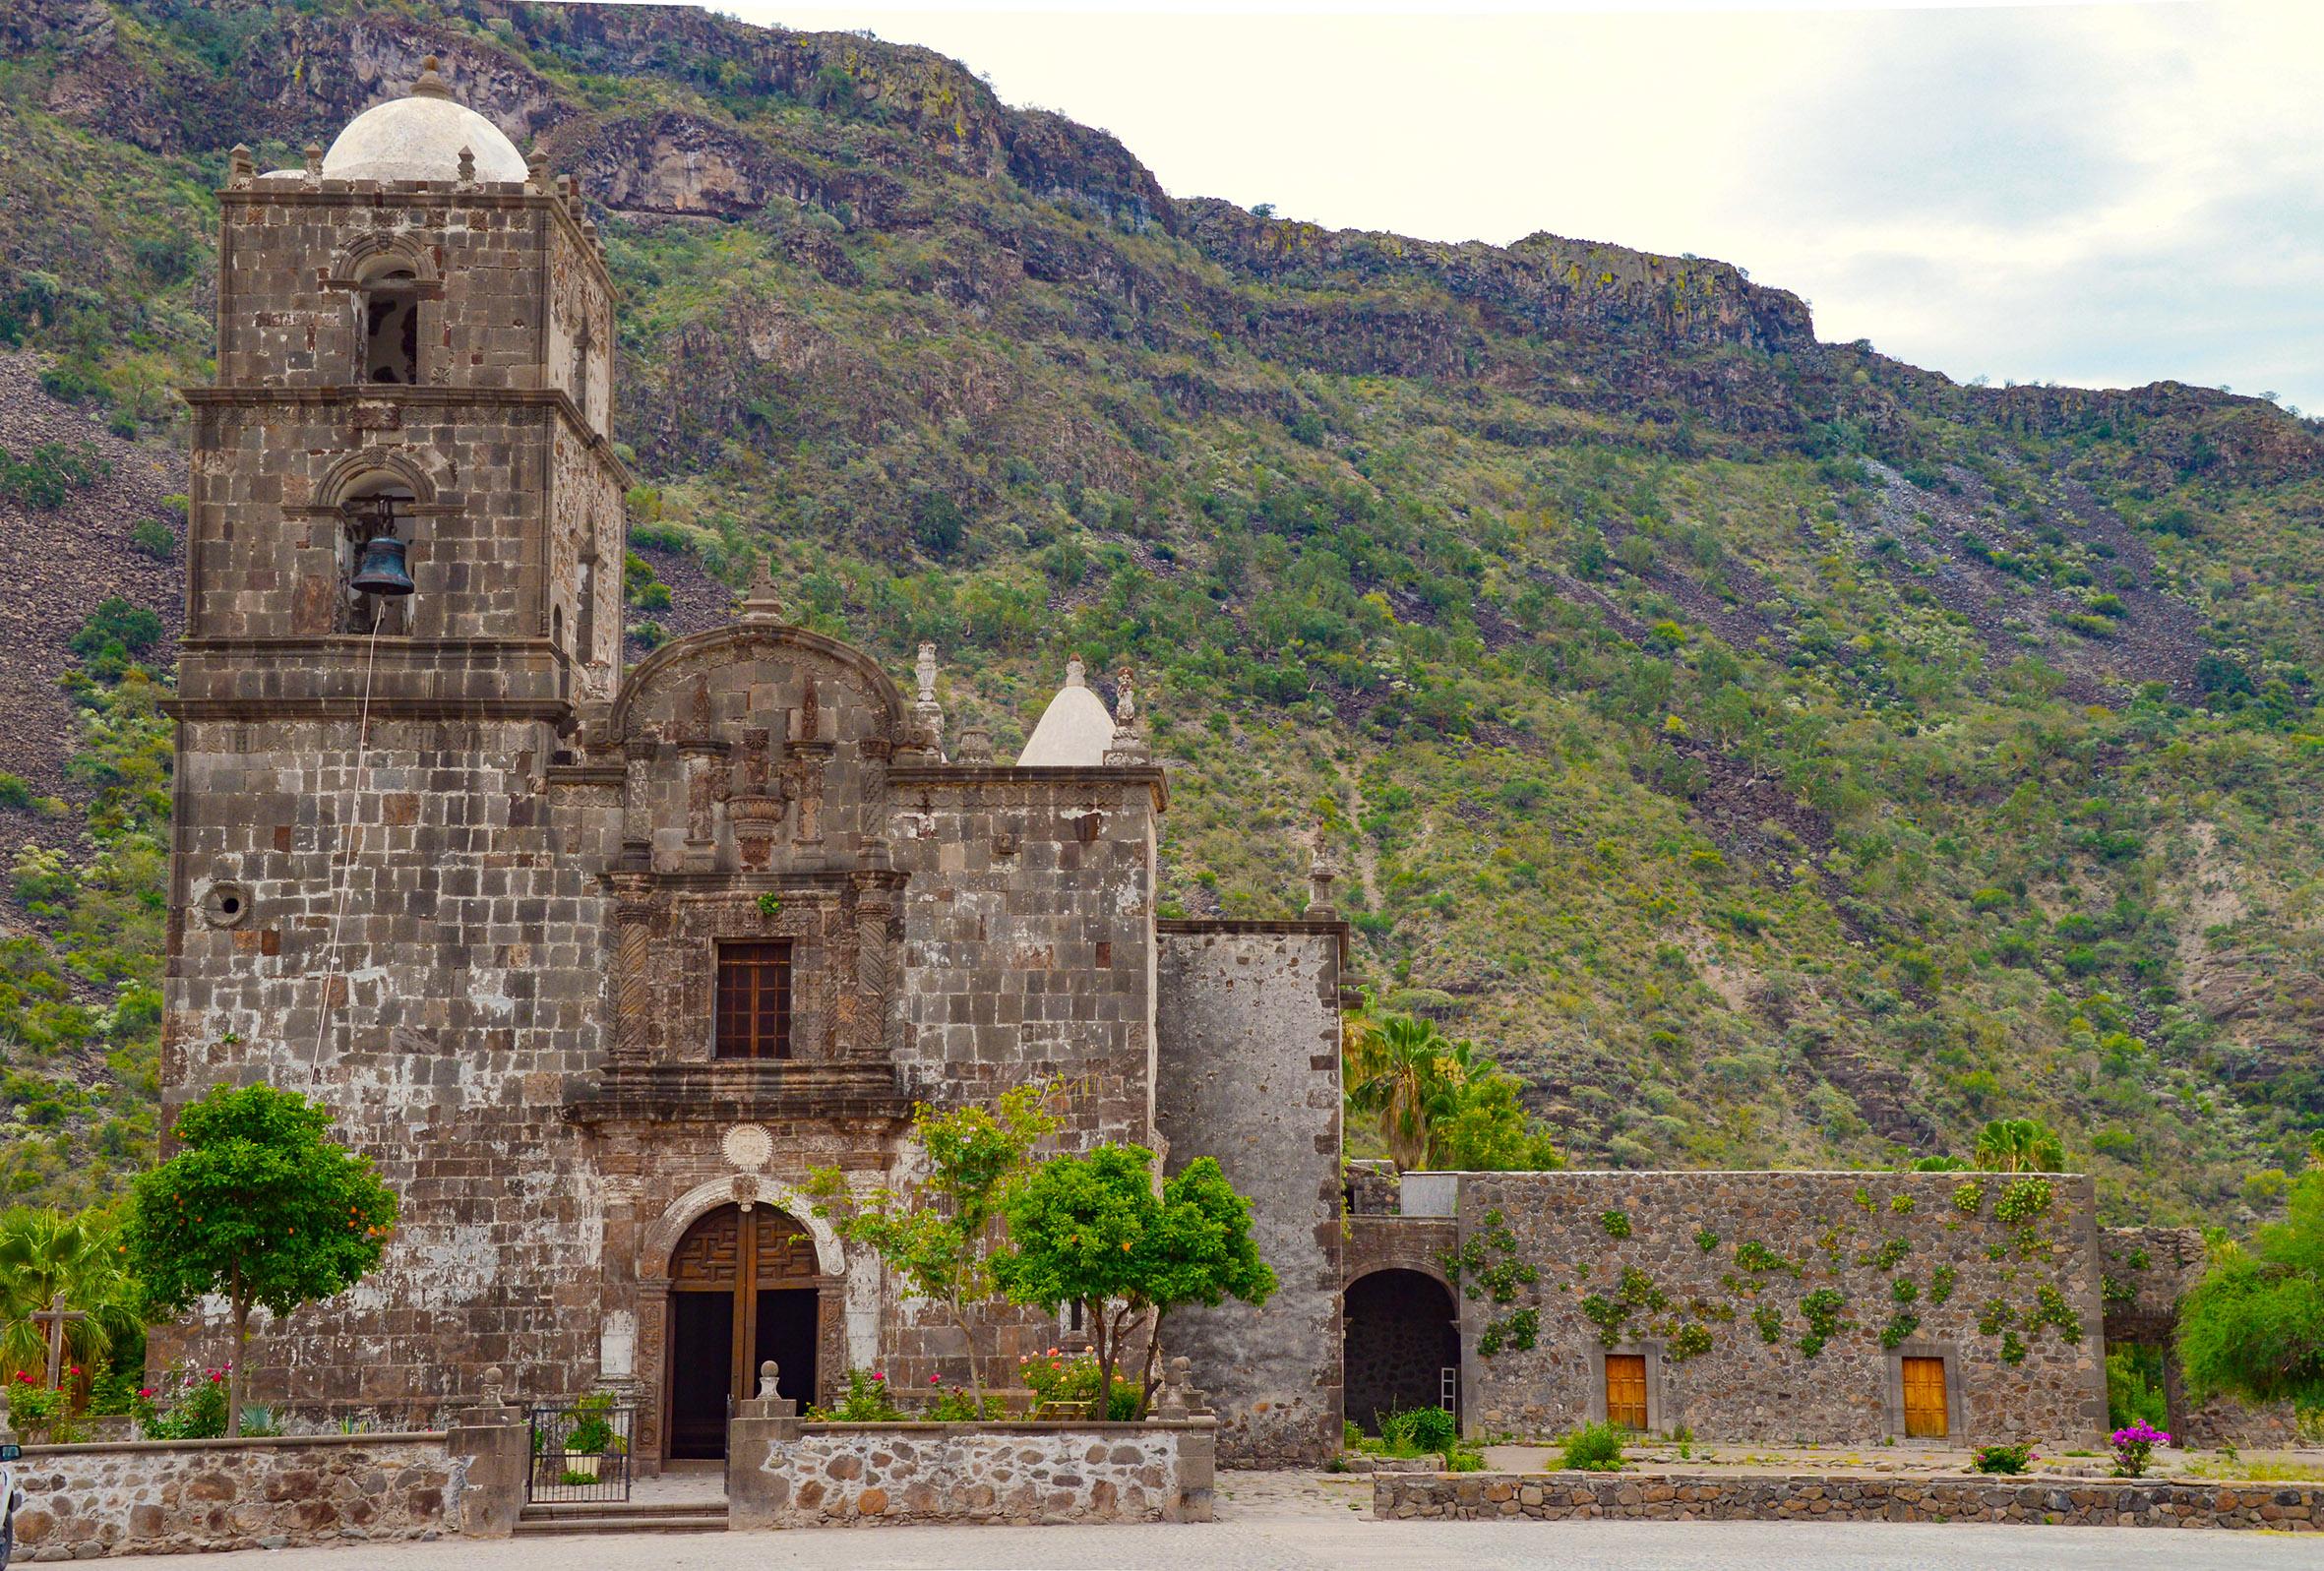 Archivo:Misión de San Javier.jpg - Wikipedia, la enciclopedia libre